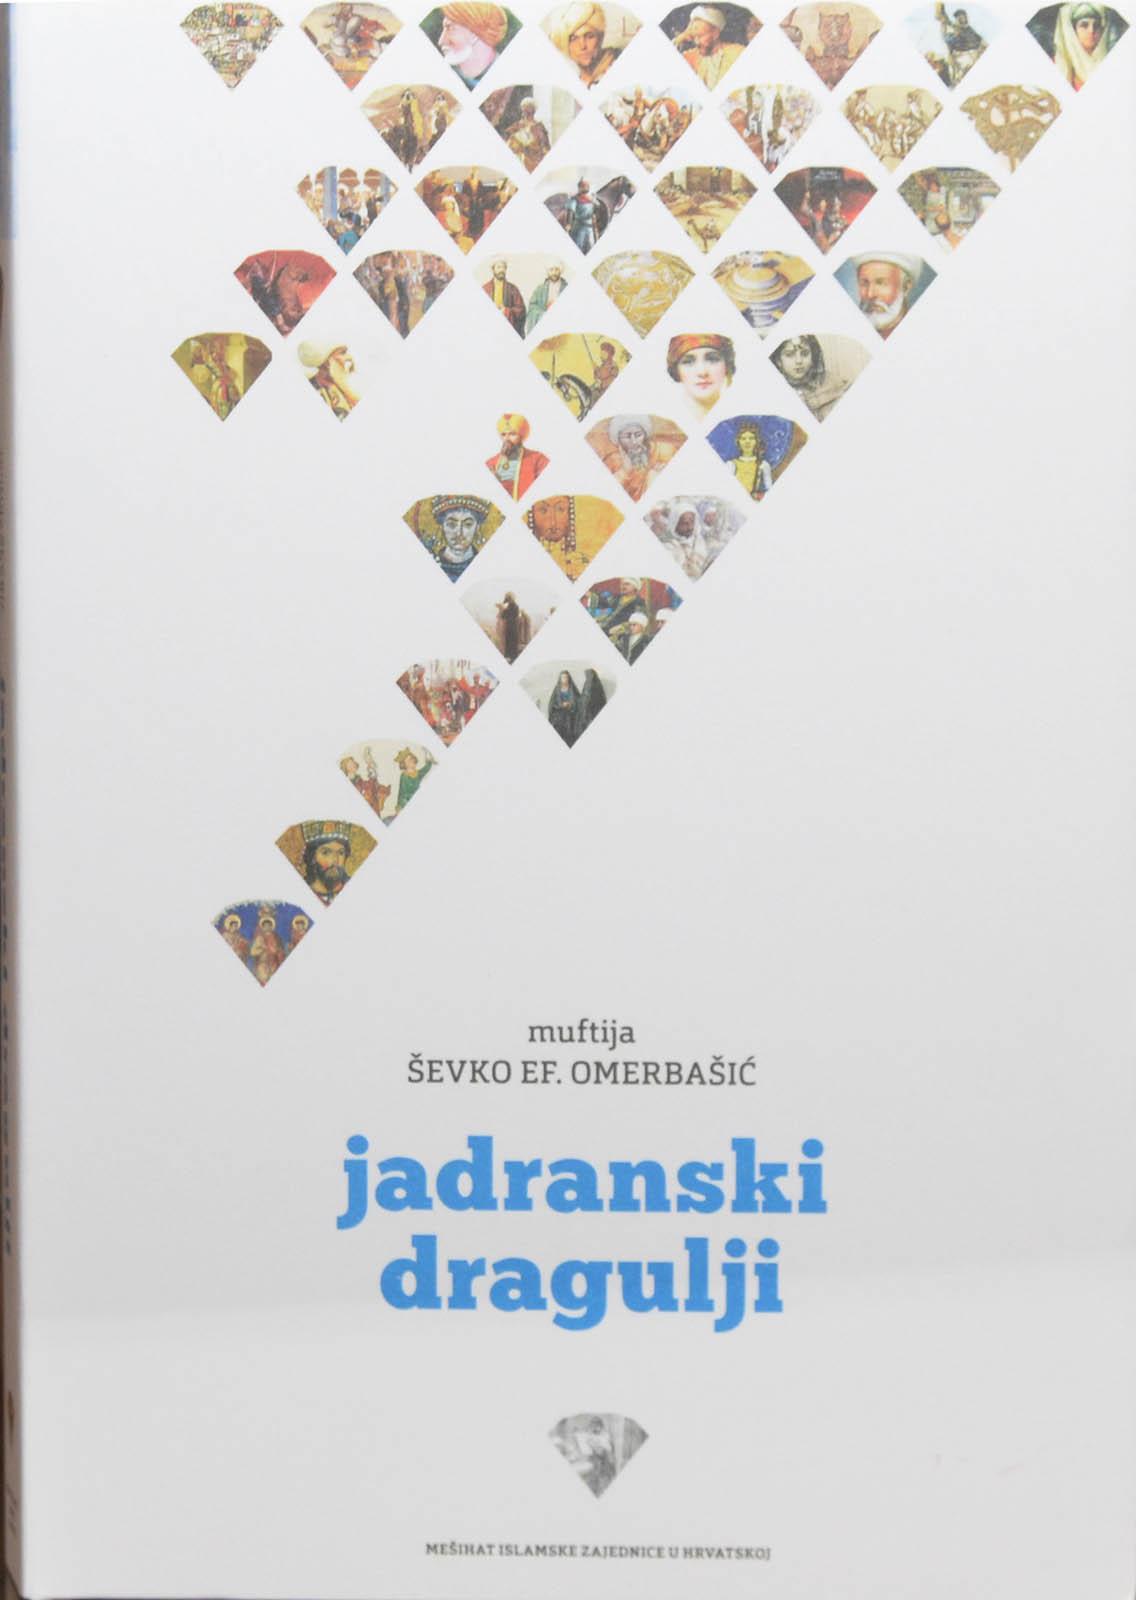 jadranski dragulji